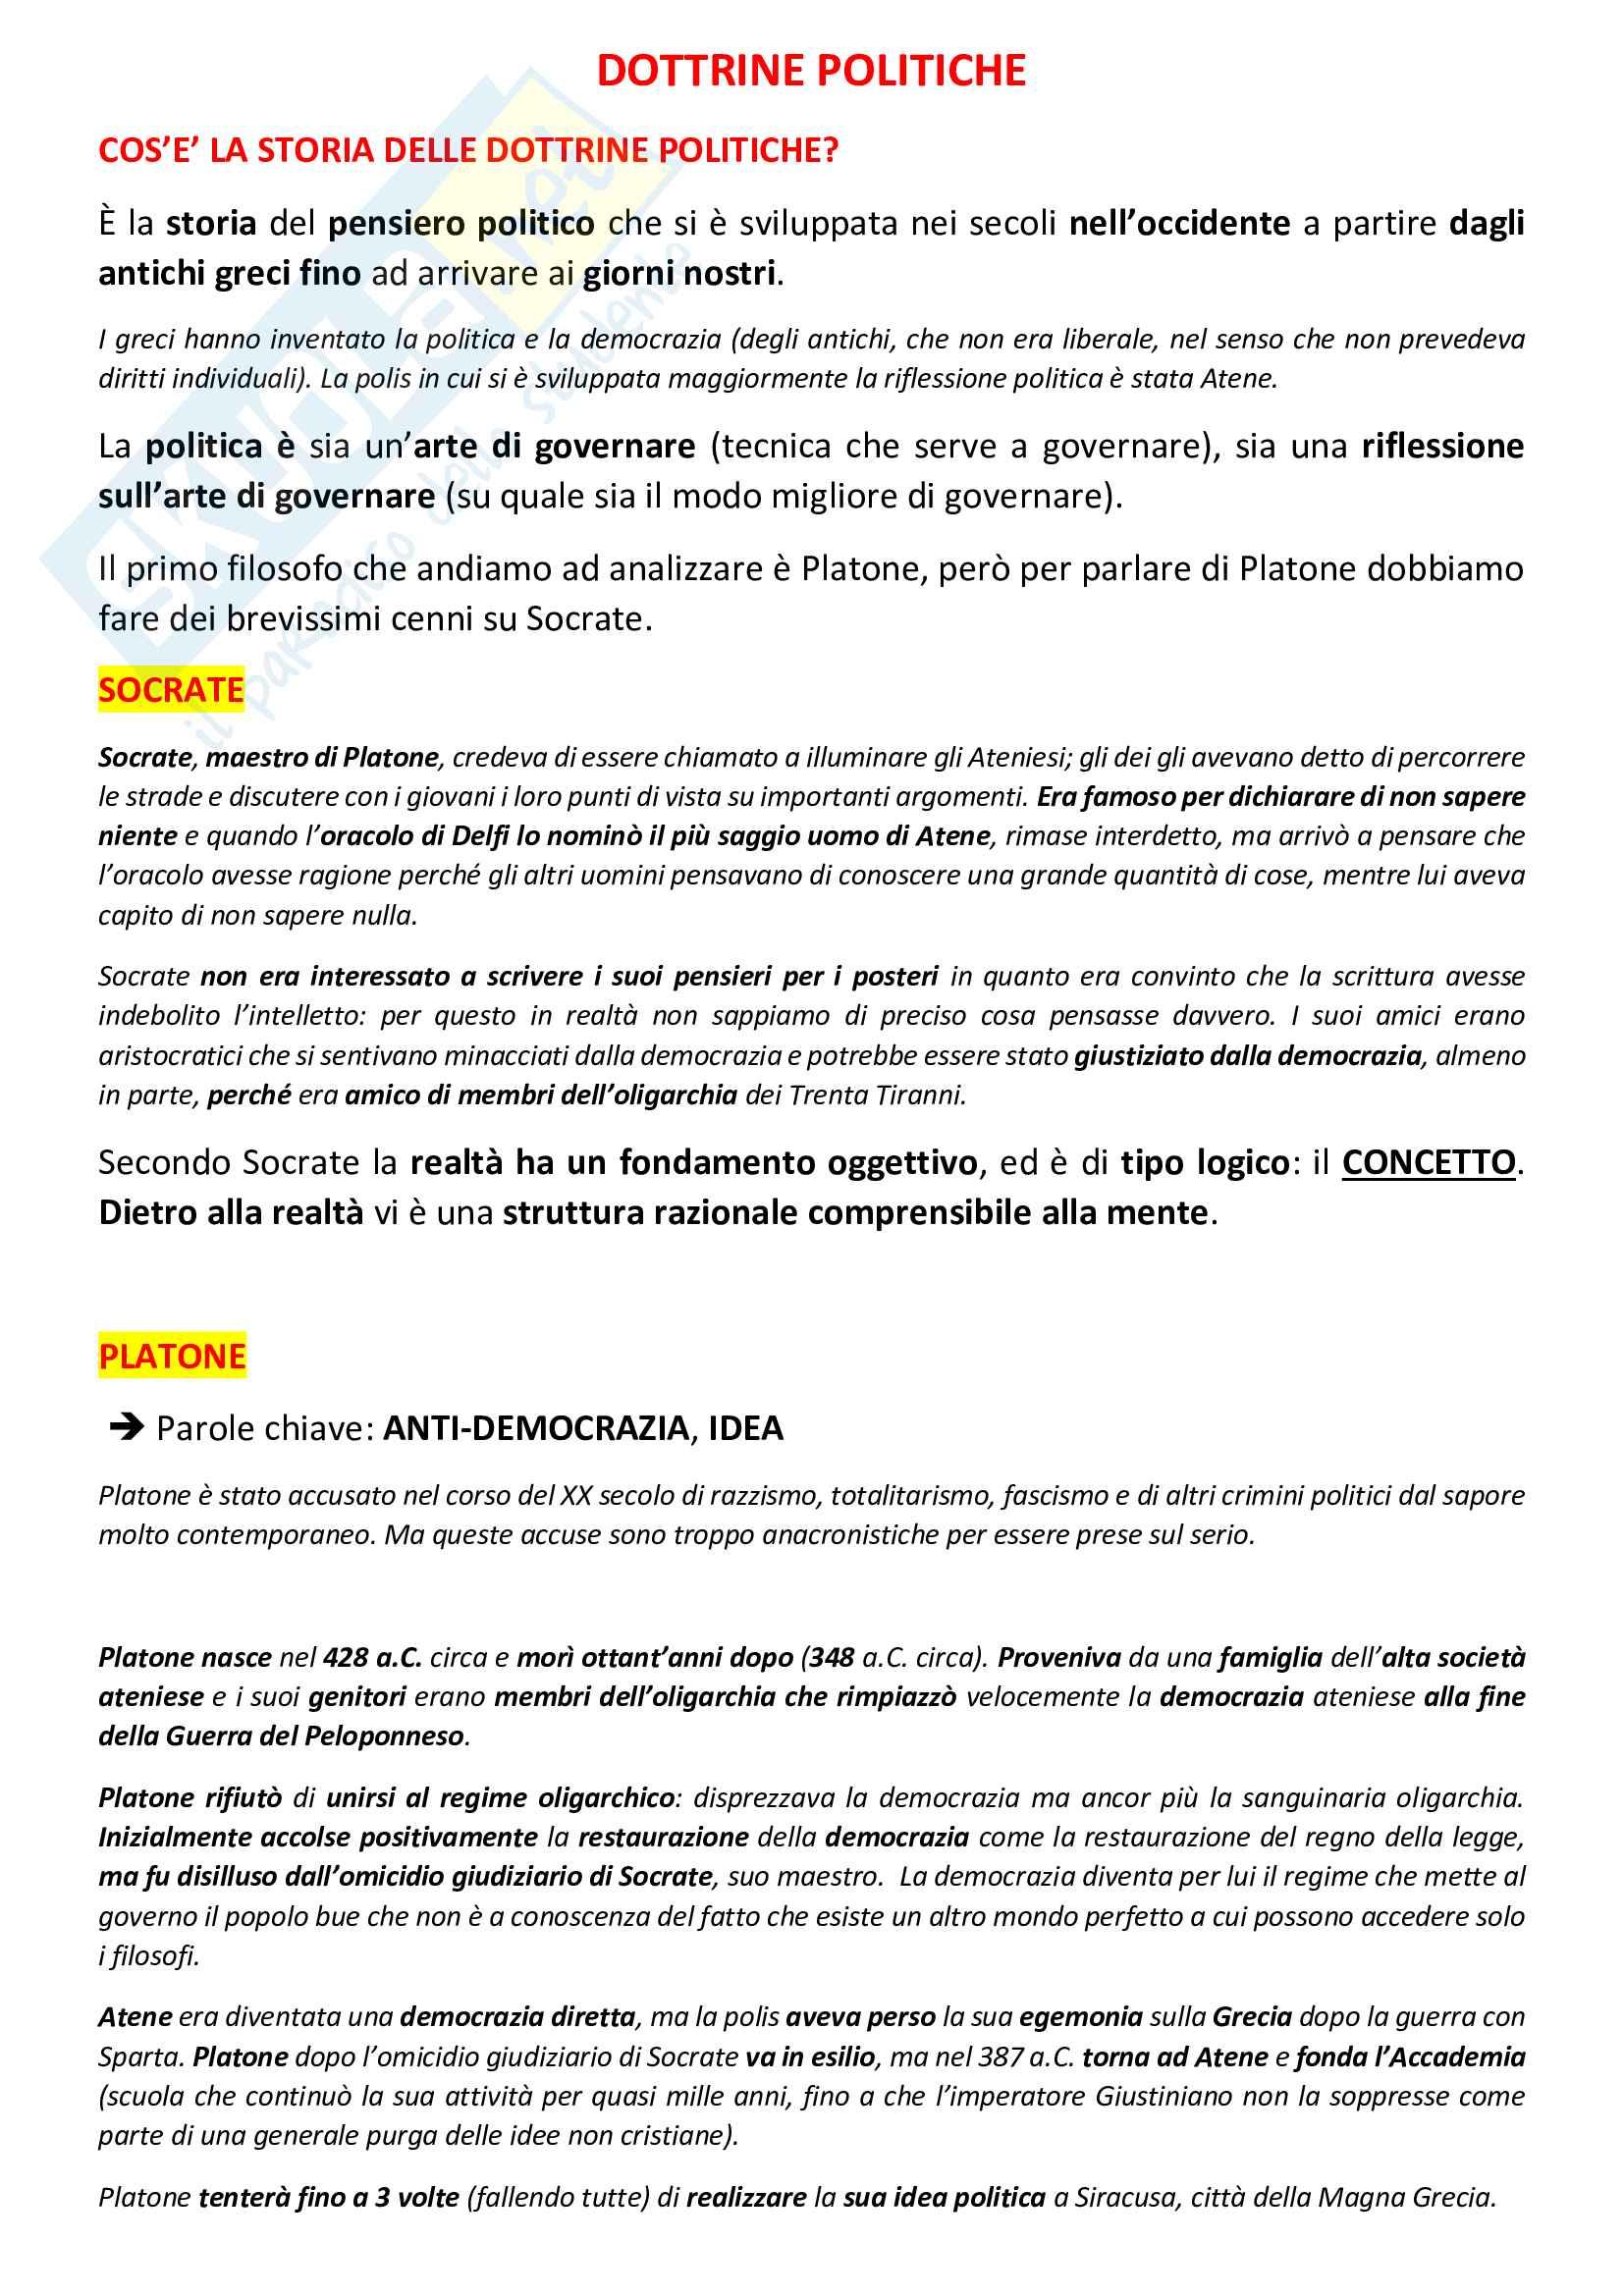 Storia delle dottrine politiche (completo) prof. Berti